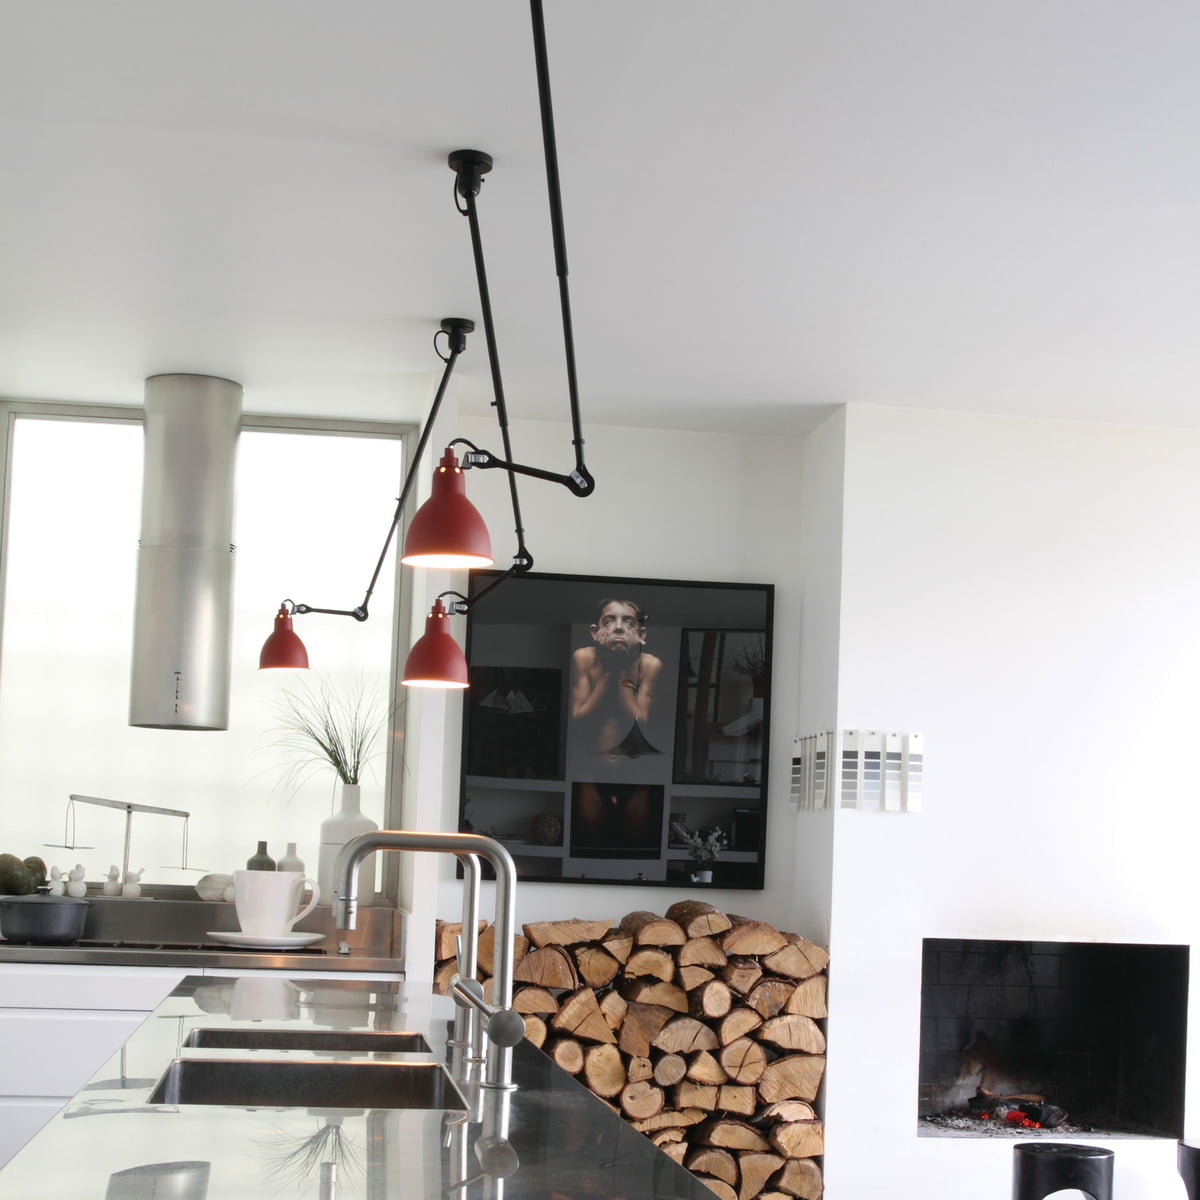 Full Size of Küchen Deckenleuchte Kchen Deckenlampen Deckenleuchten Bad Wohnzimmer Led Regal Küche Badezimmer Schlafzimmer Modern Moderne Wohnzimmer Küchen Deckenleuchte